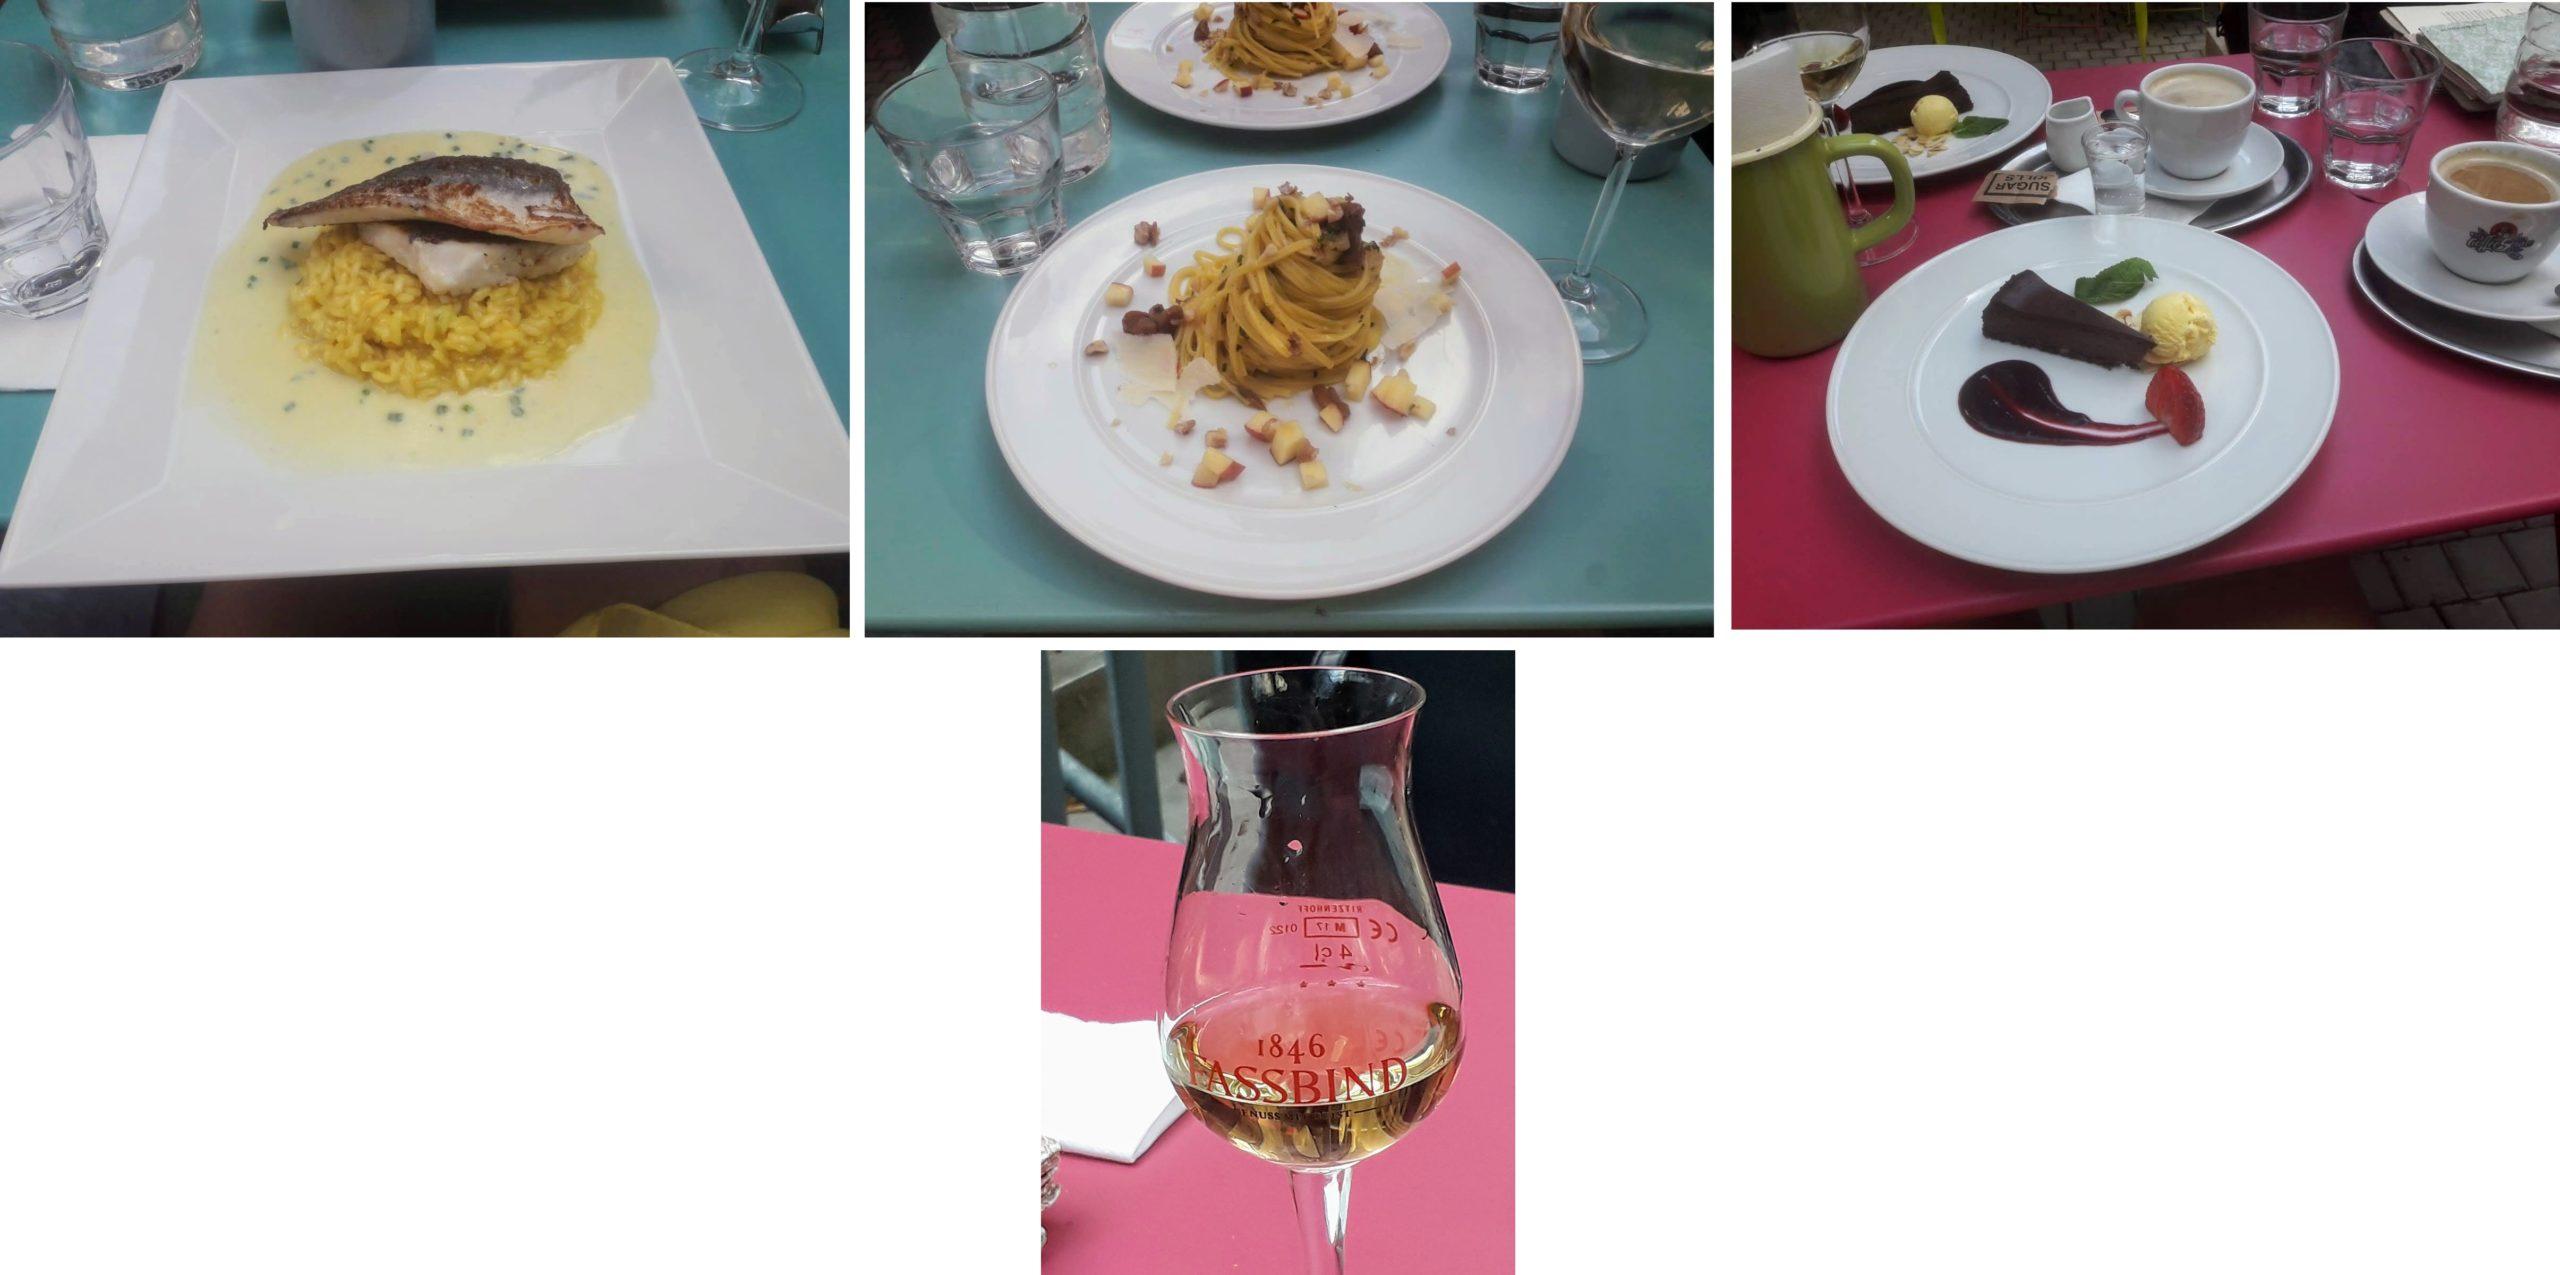 Krásné odpoledne na zahrádce s dobrým jídlem a dobrým vínem